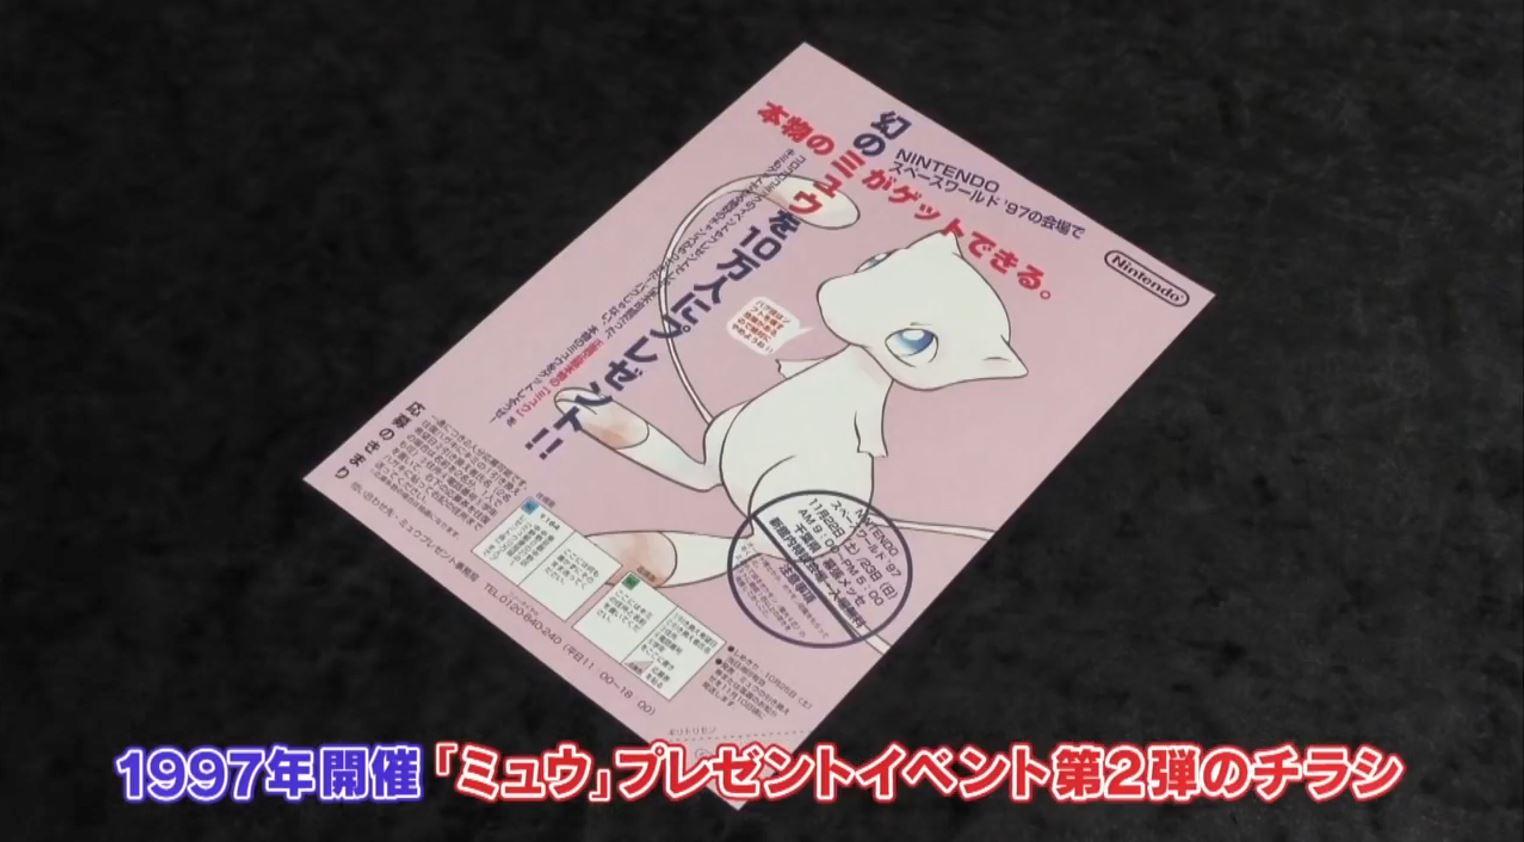 ゲームセンターcxを見て涙 初代ポケモンとミュウ 赤緑世代は必見!